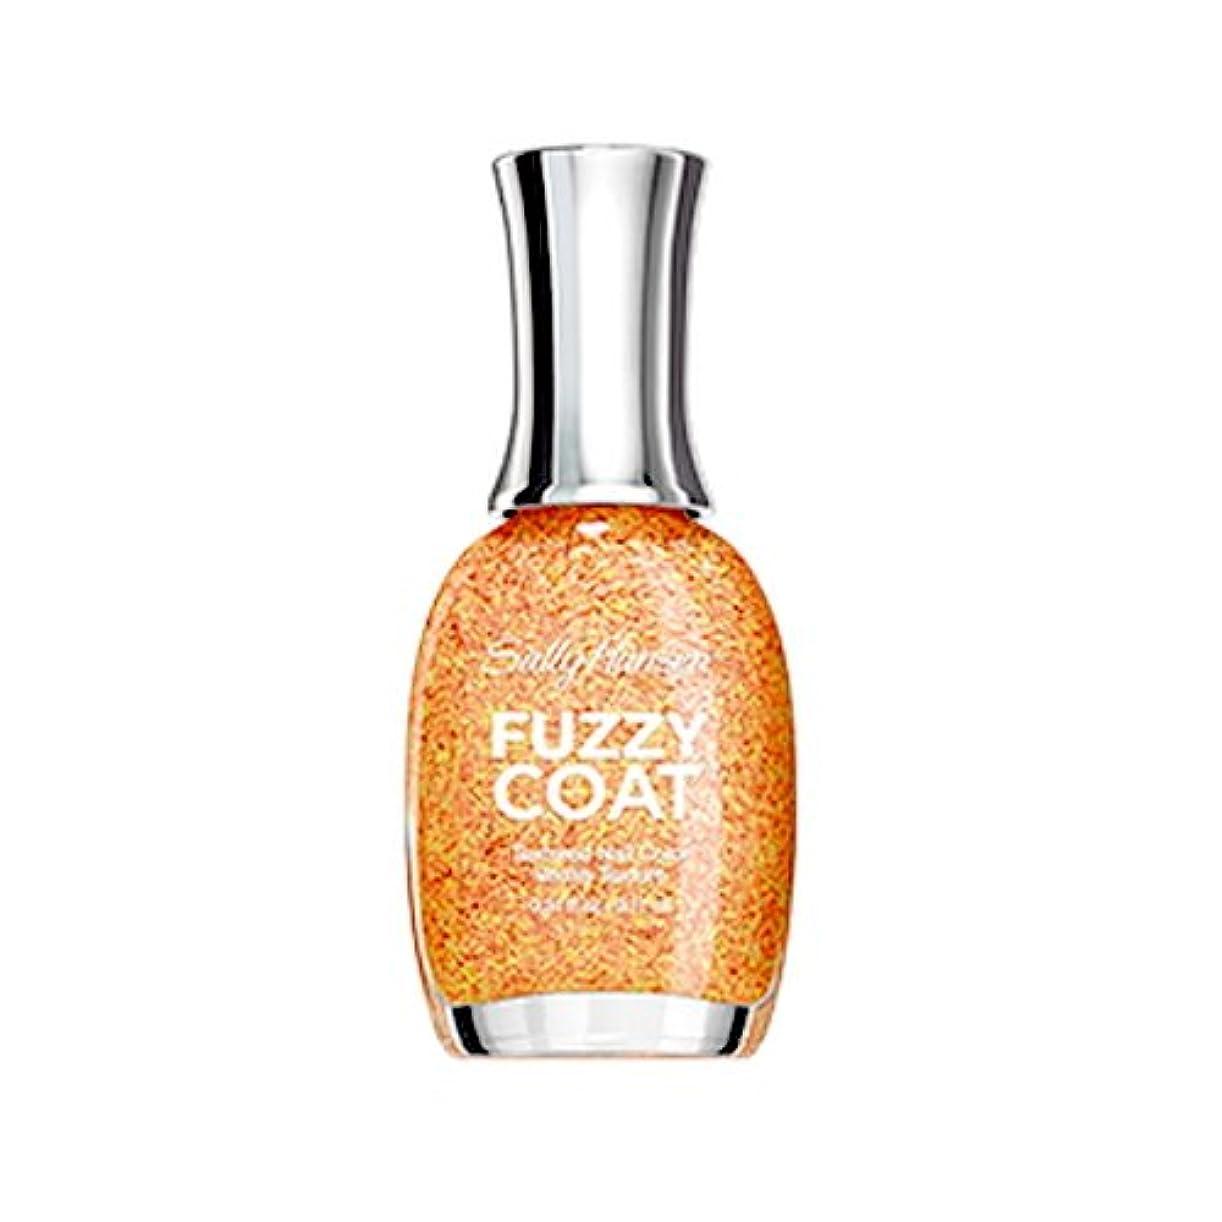 真似るシャッフルベッツィトロットウッド(6 Pack) SALLY HANSEN Fuzzy Coat Special Effect Textured Nail Color - Peach Fuzz (並行輸入品)